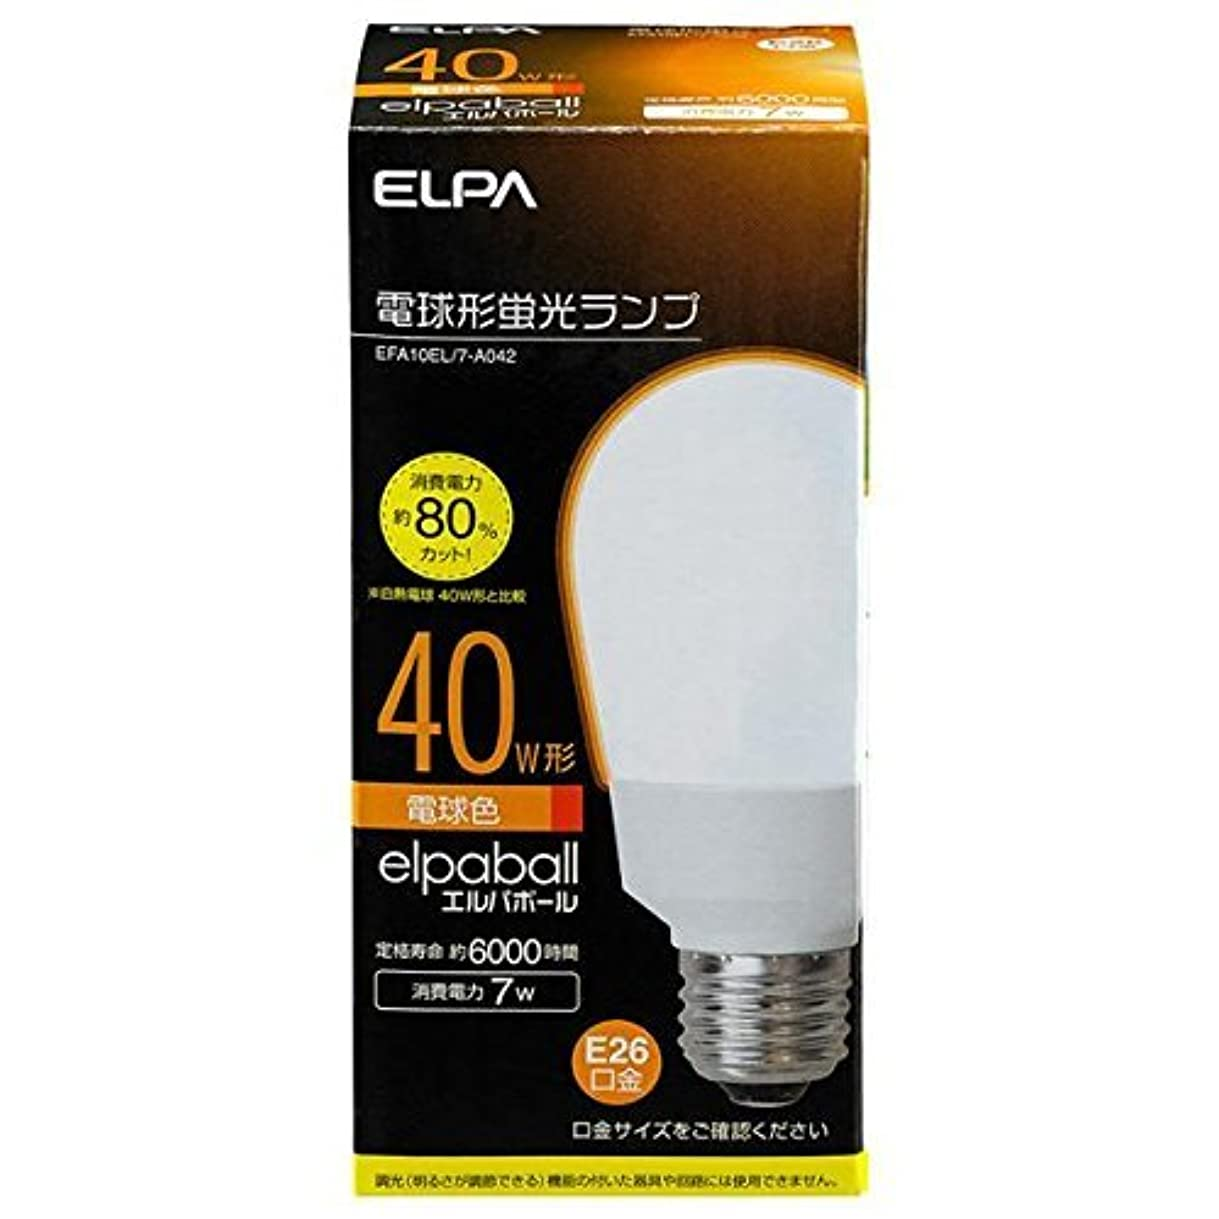 打たれたトラック居心地の良い埋めるELPA 電球形蛍光ランプ A10形?電球色ELPA EFA10EL/7-A042